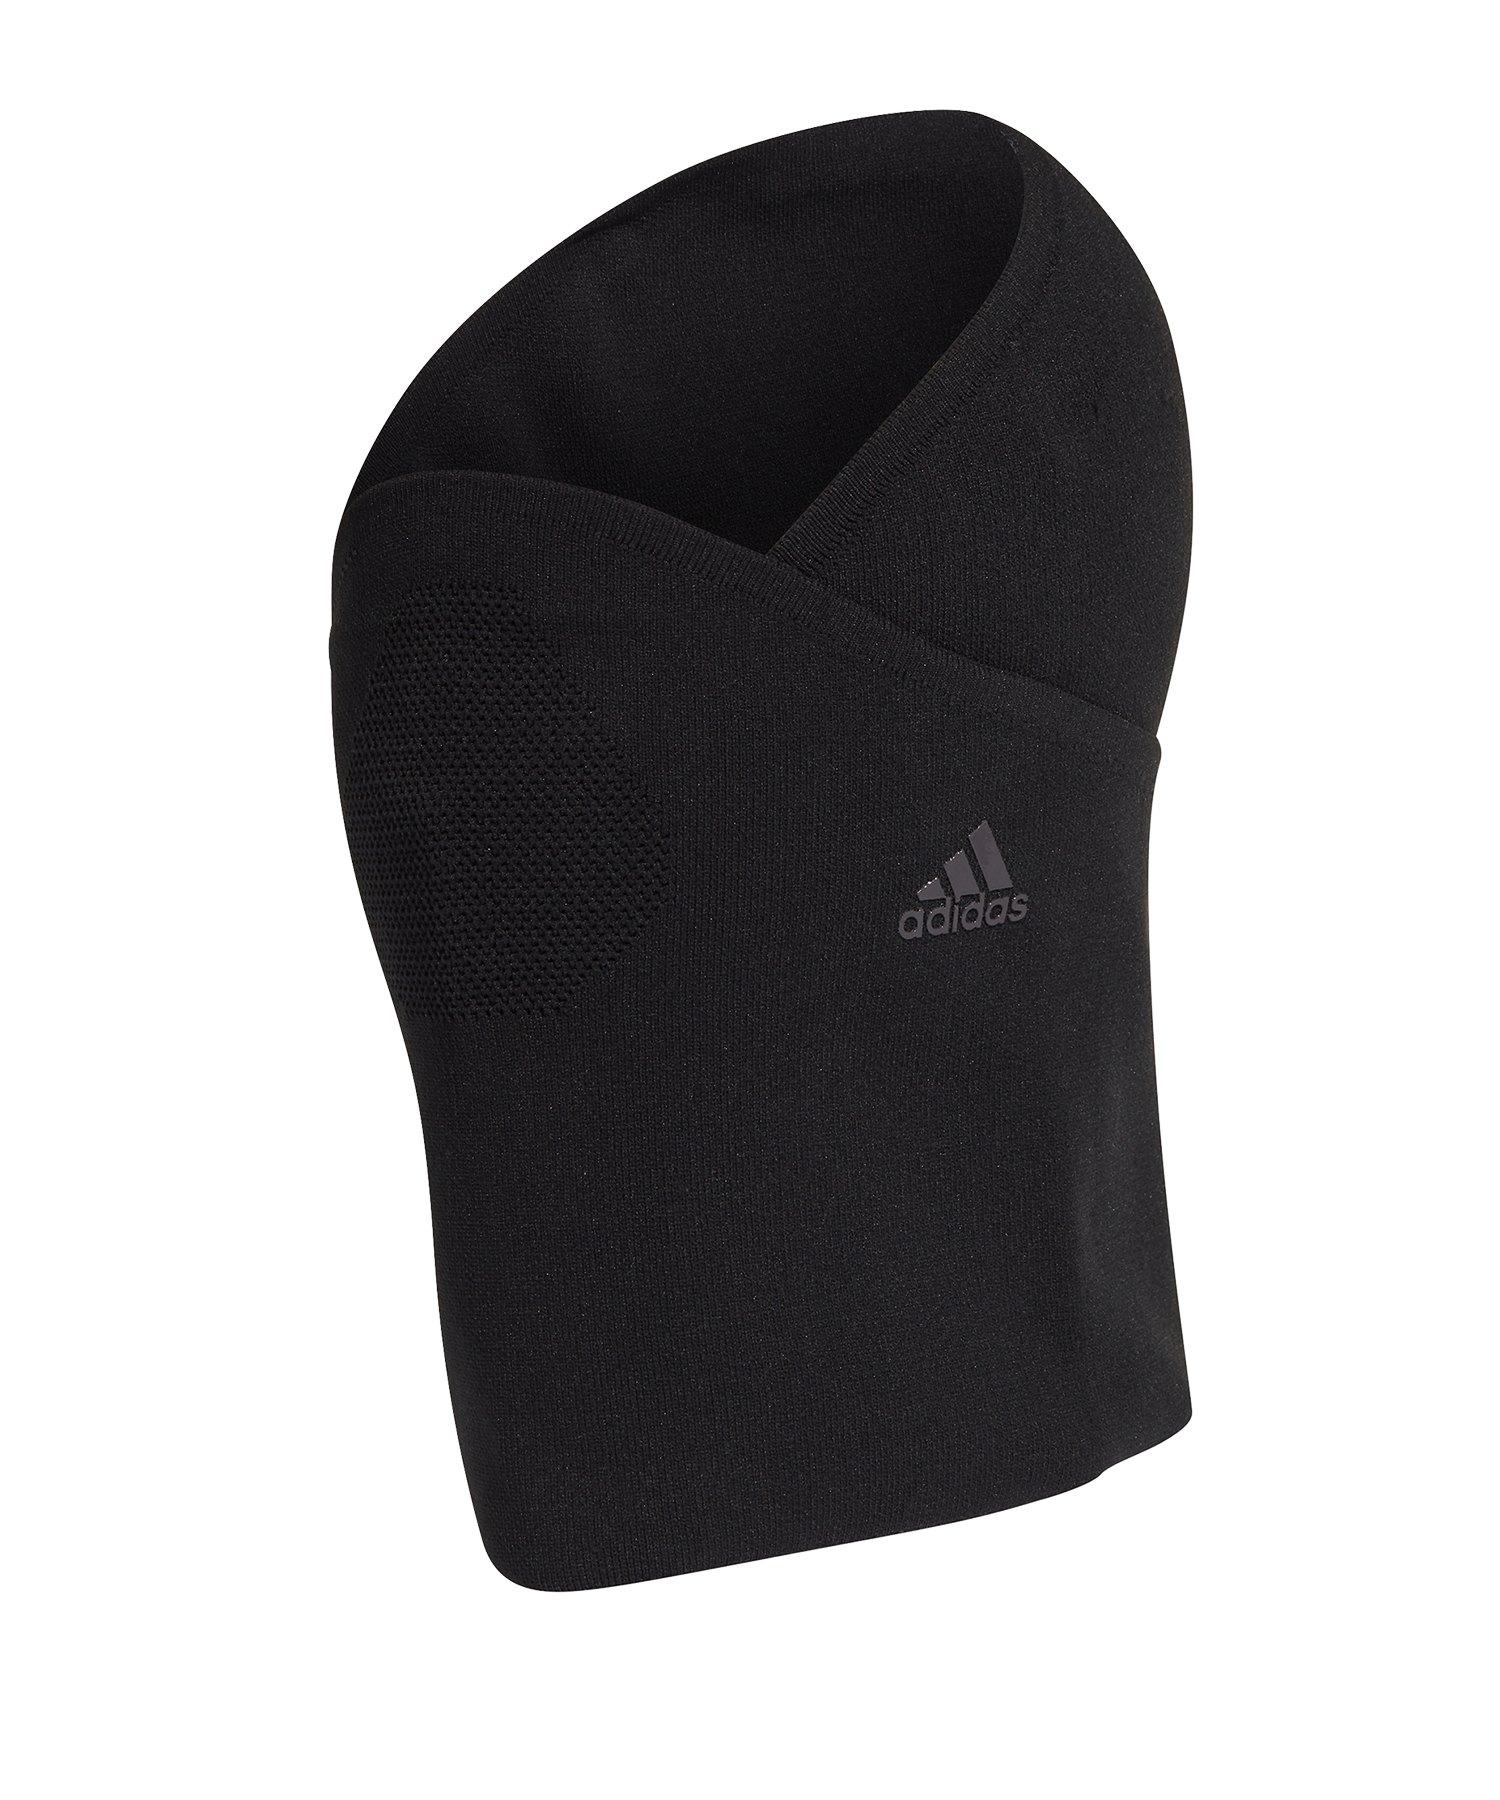 adidas Neckwarmer Gesichtsmaske Schwarz - schwarz